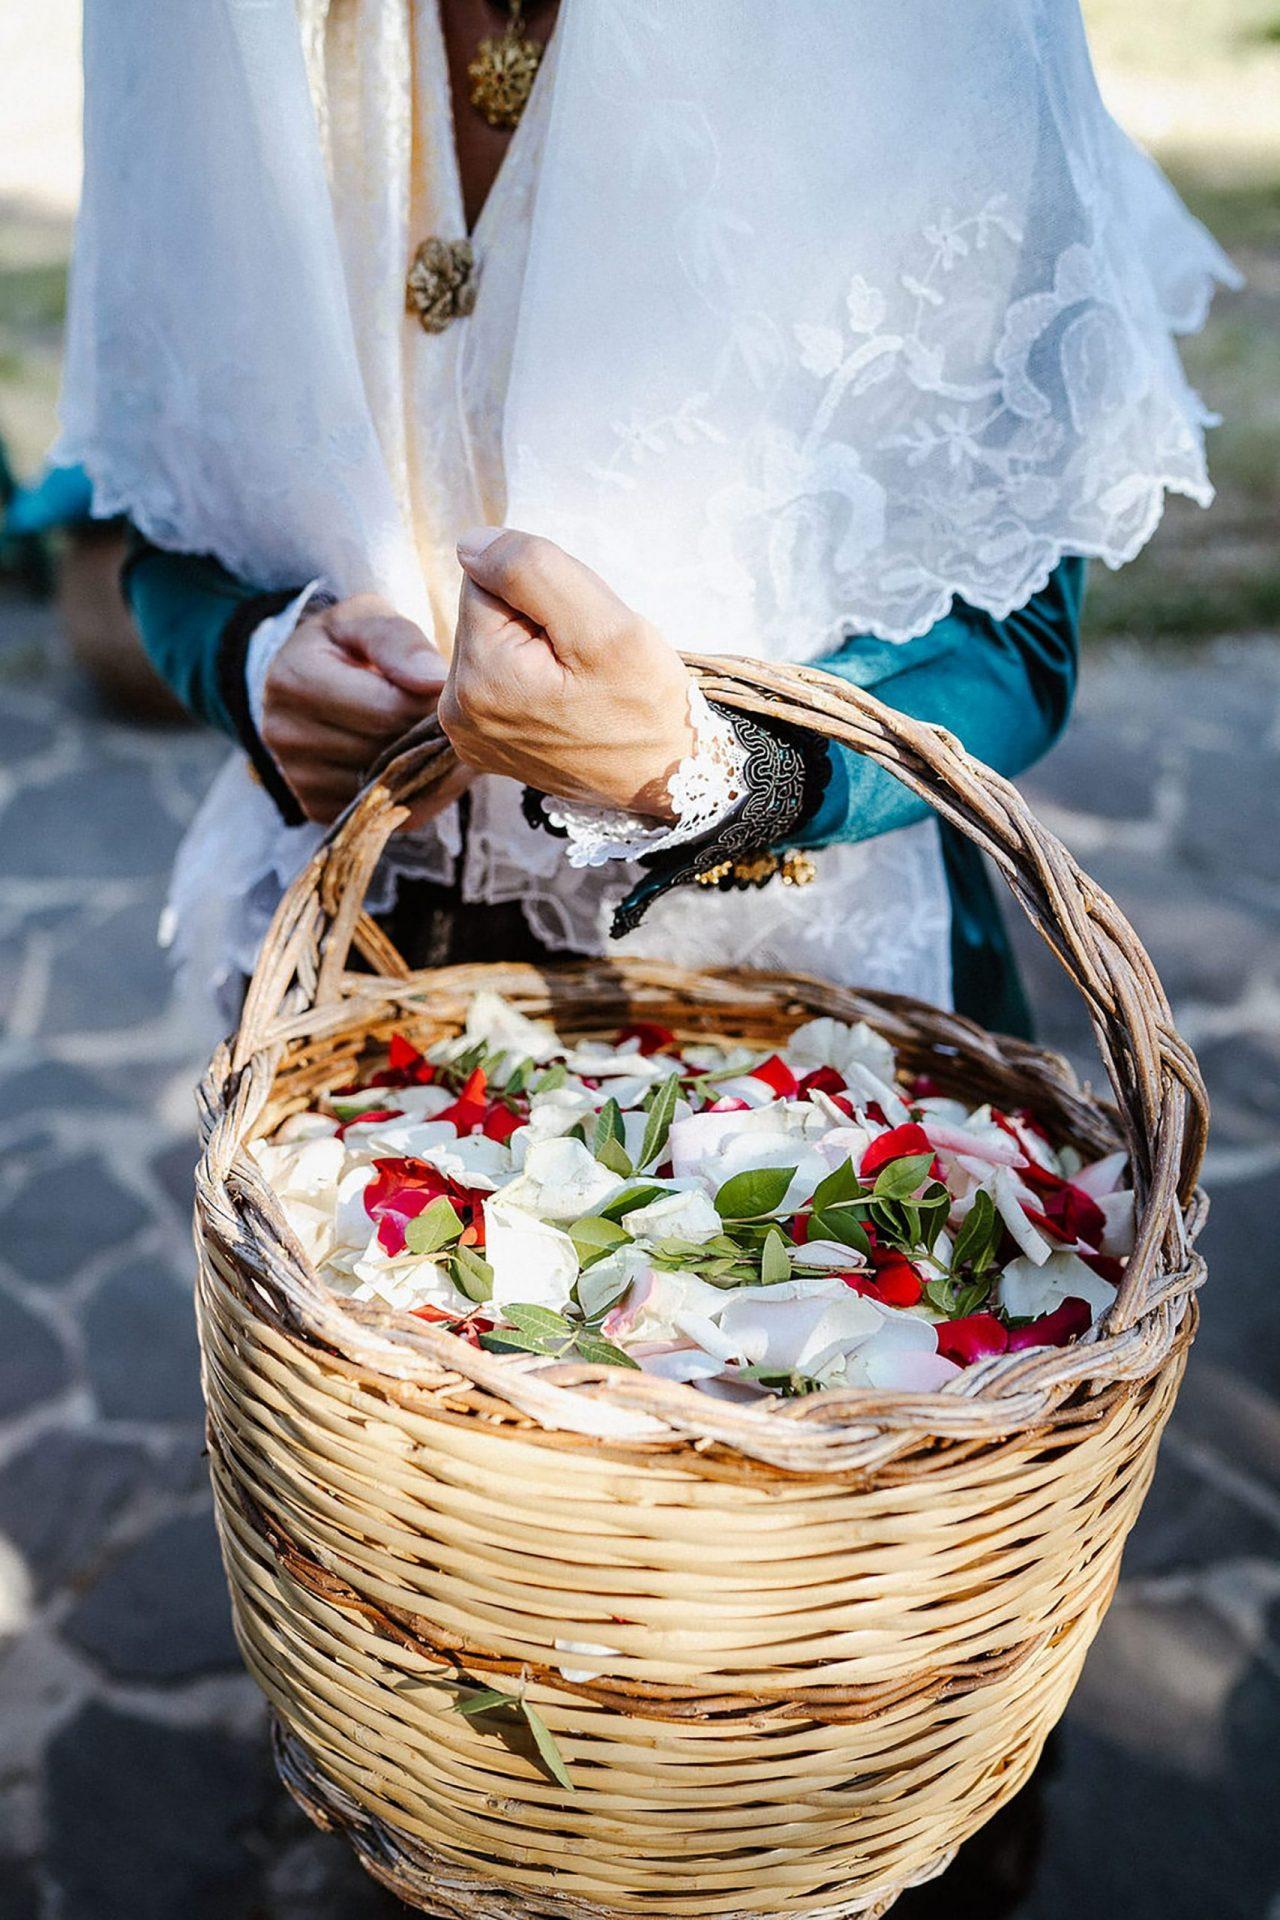 Marianna & Matteo, Sardinian basket with petals